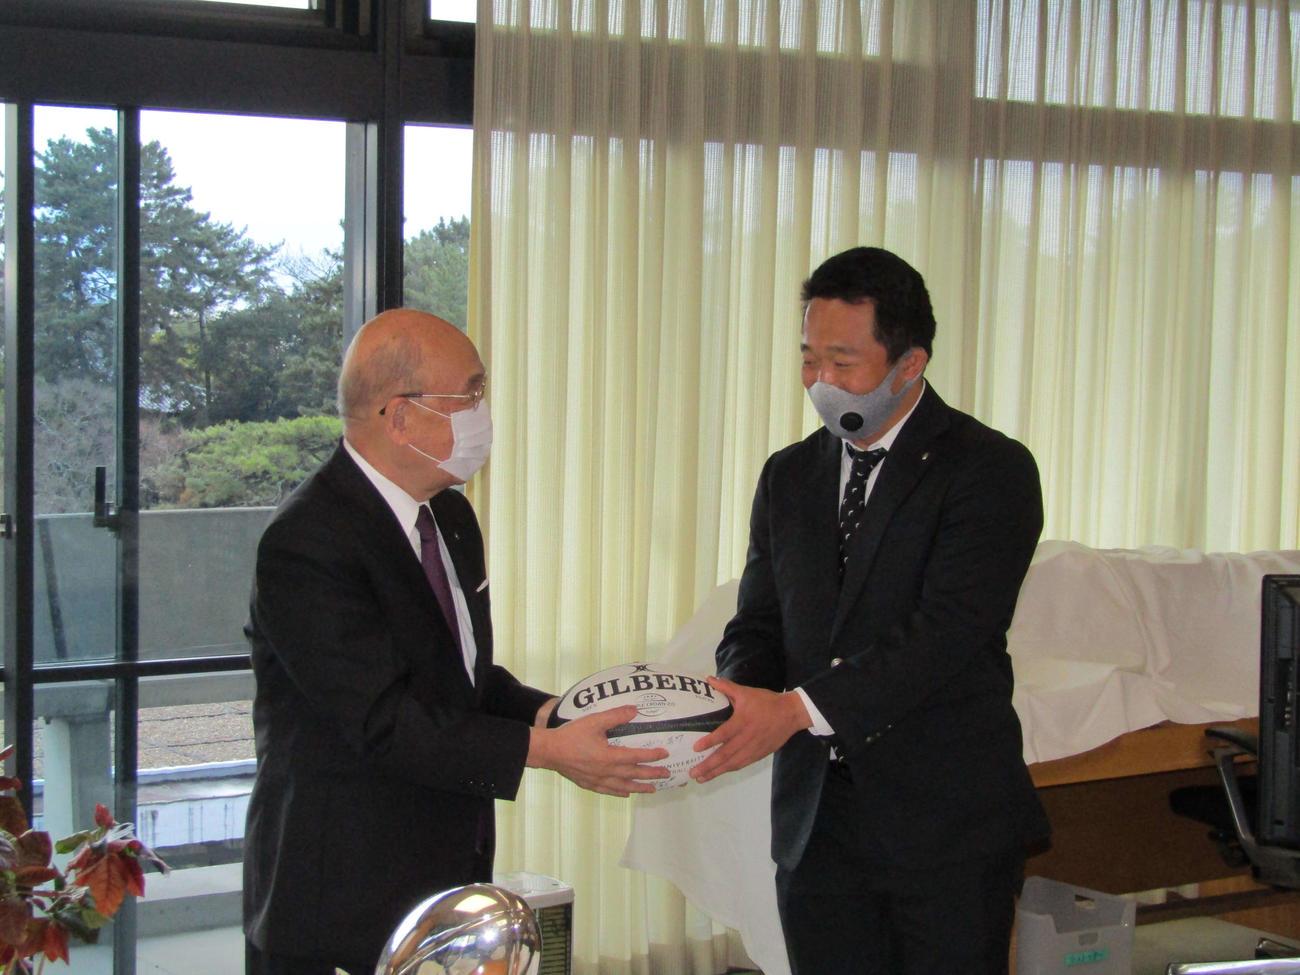 県庁を訪問し、荒井奈良県知事にボールを手渡す松岡